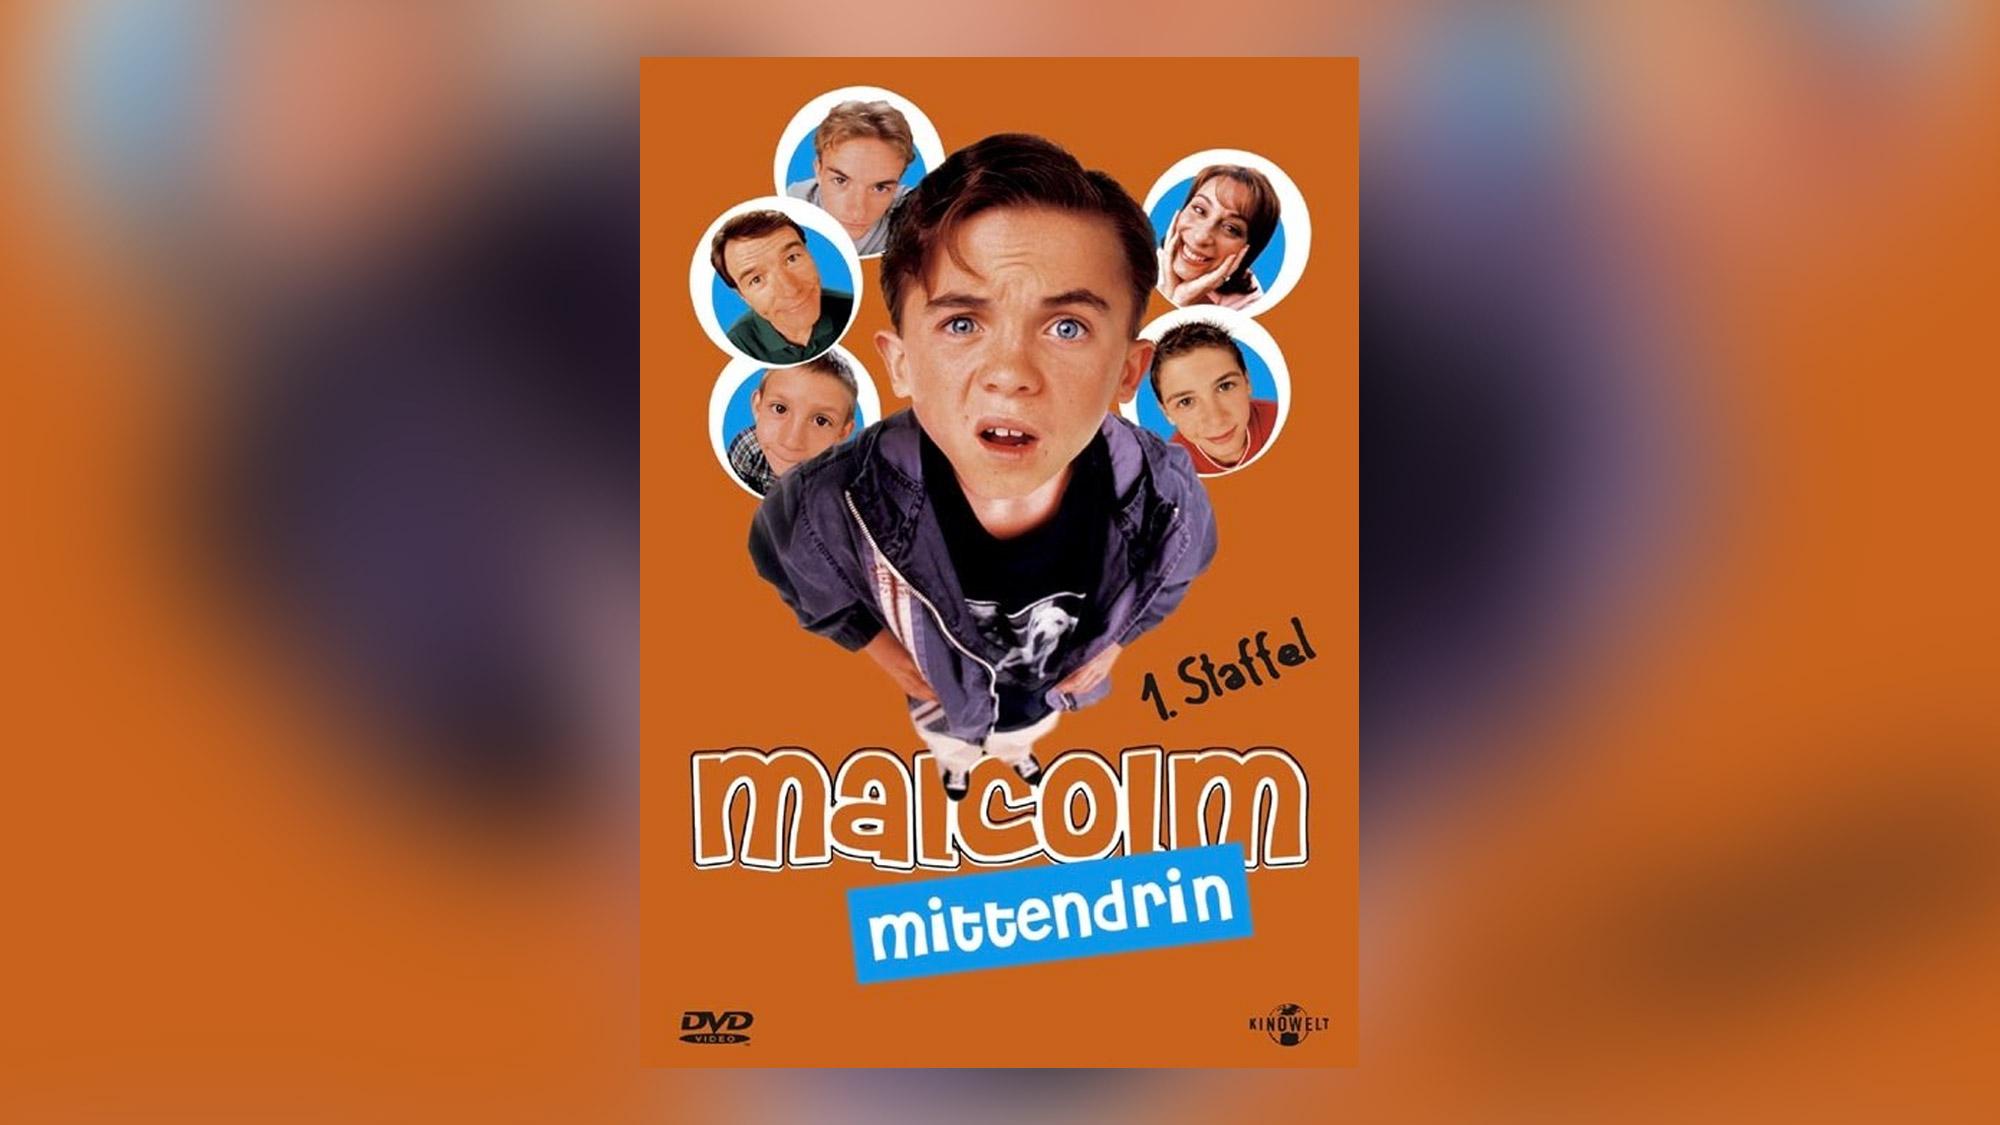 Les DVD de <em>Malcolm</em> bientôt en zone 2 !